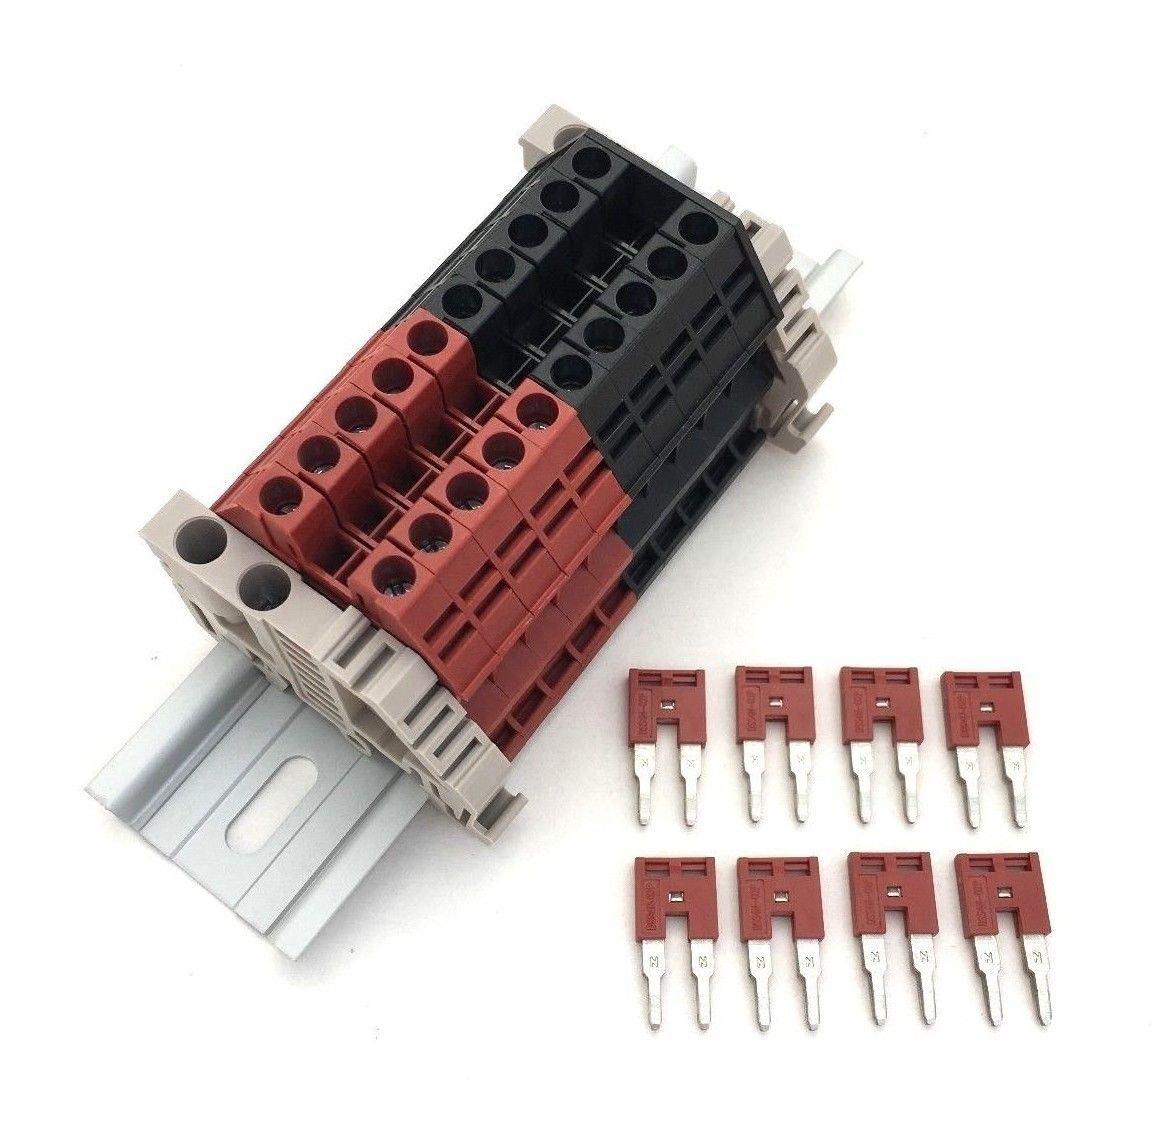 Dinkle Assembly Kit DK4N Red/Black 10 Gang Assembly Kit